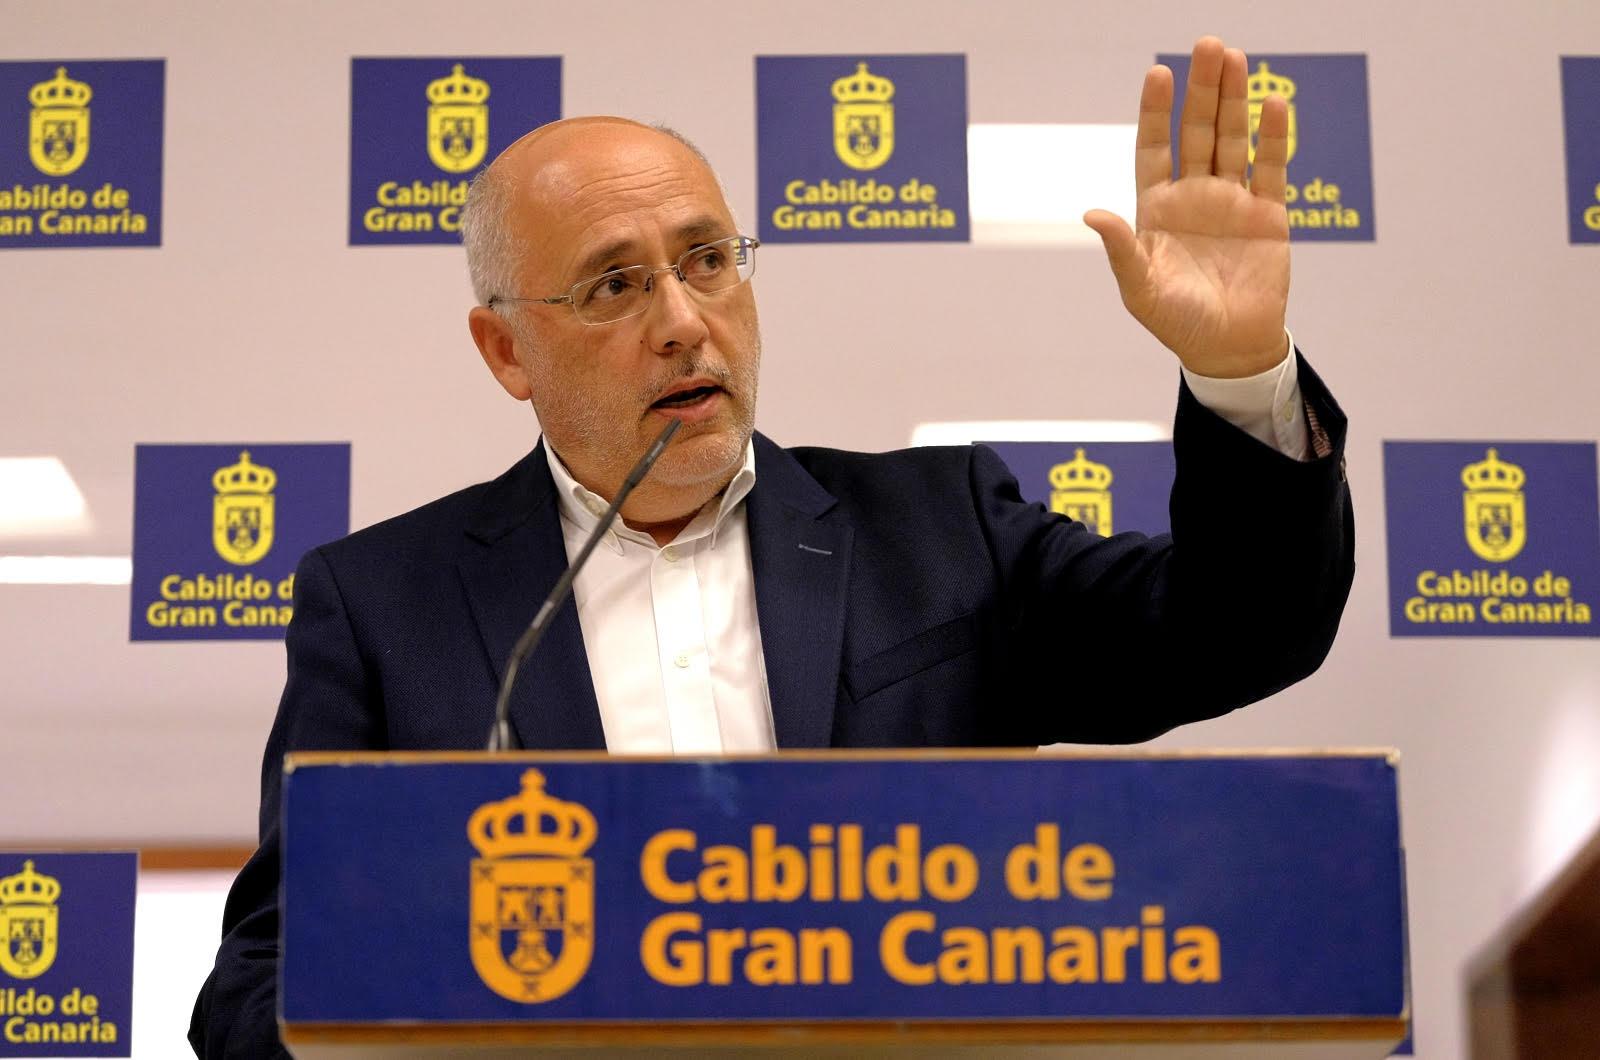 El PP culpa a Morales de la subida del paro en Gran Canaria por segundo mes consecutivo